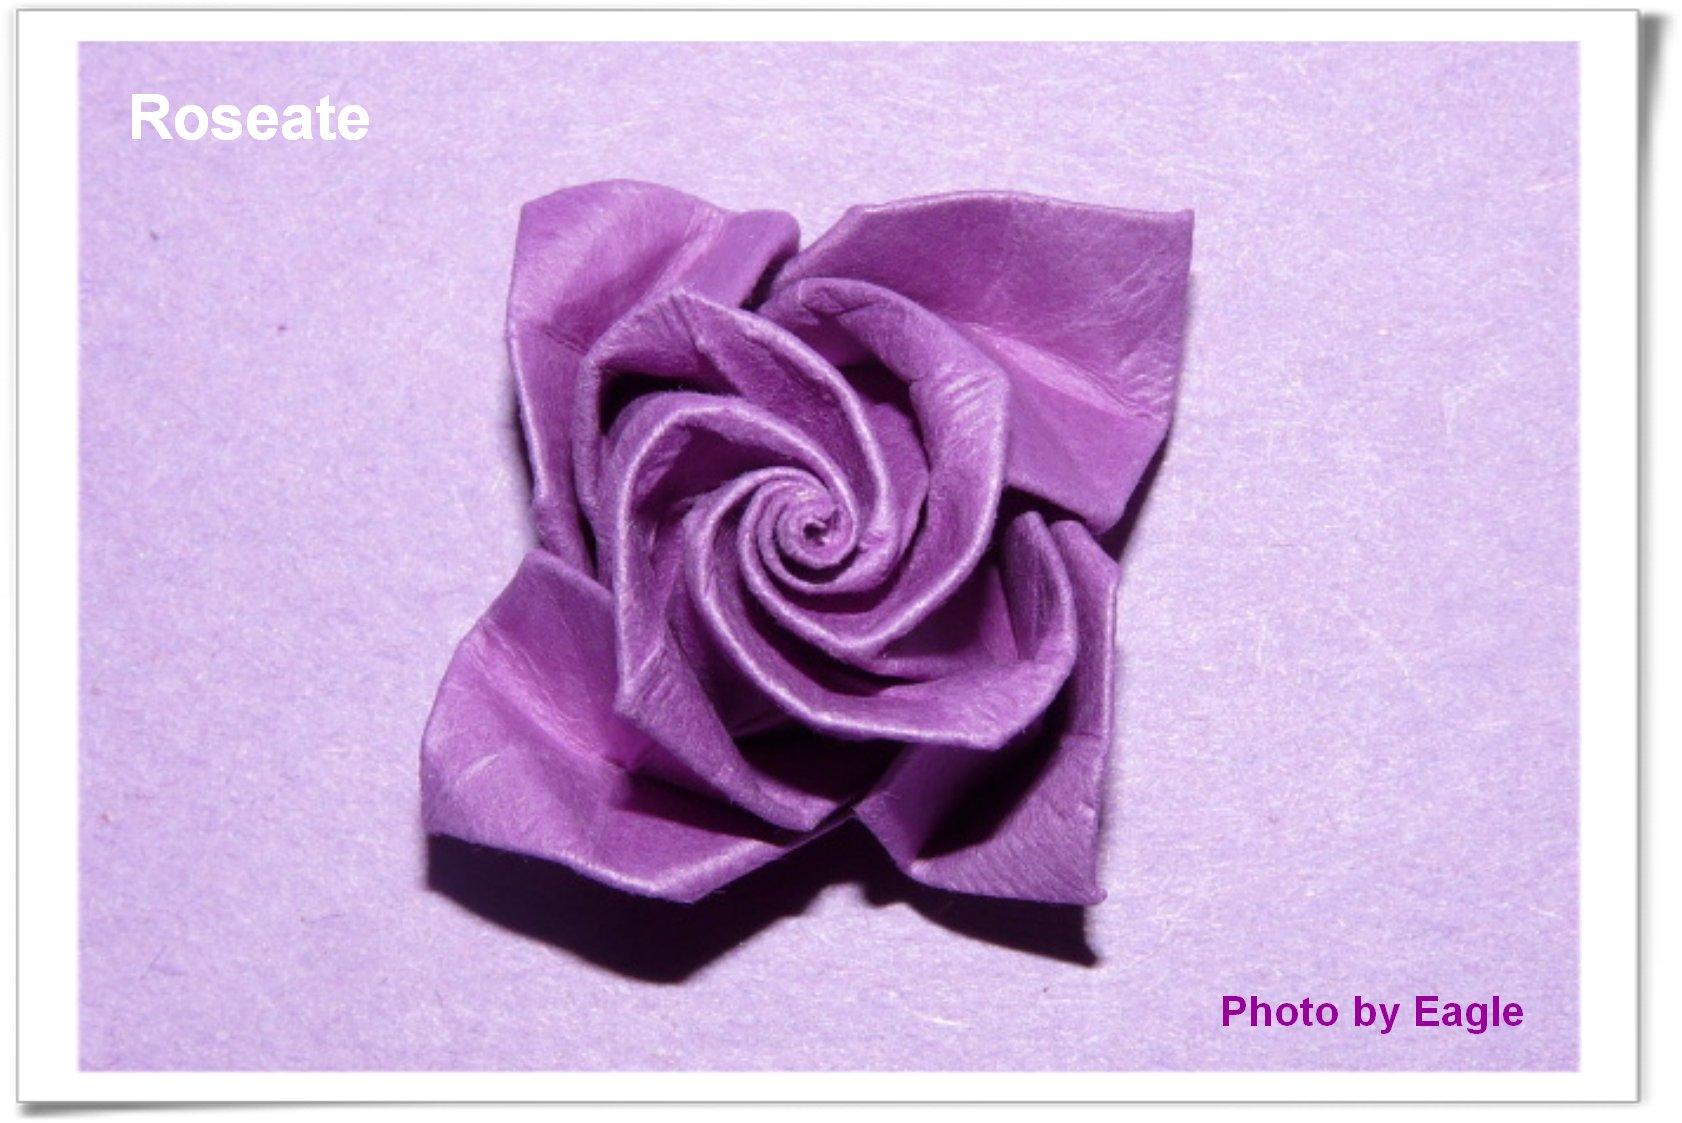 紫玫瑰 roseate